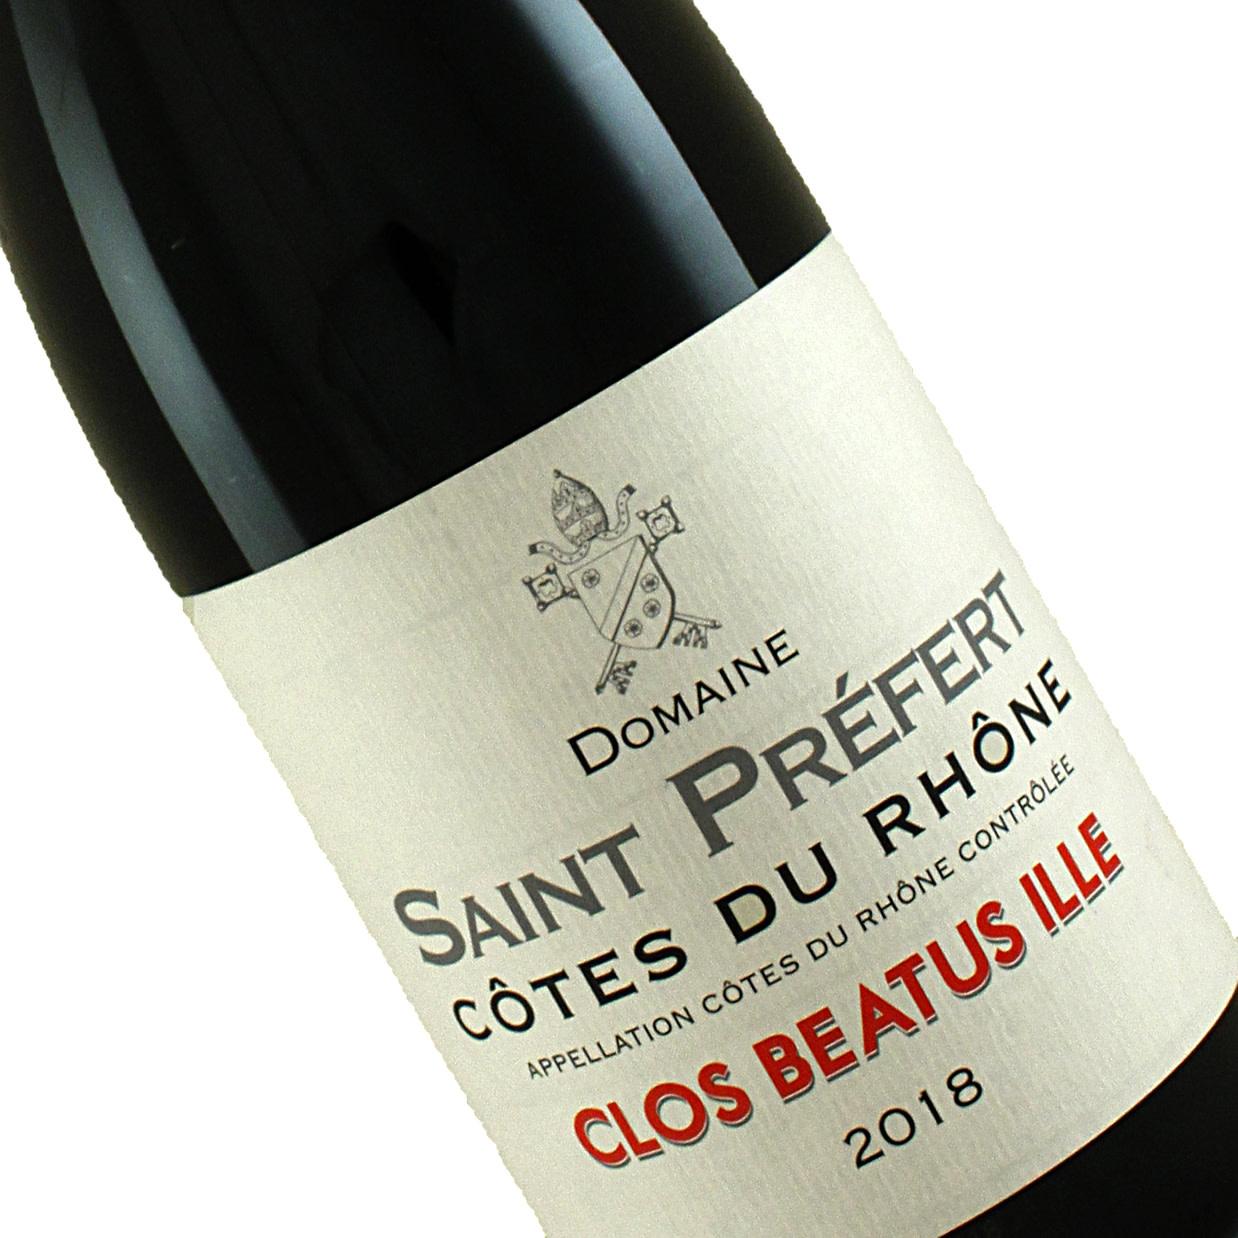 Domaine Saint Prefert 2018 Clos Beatus Ille Cotes Du Rhone